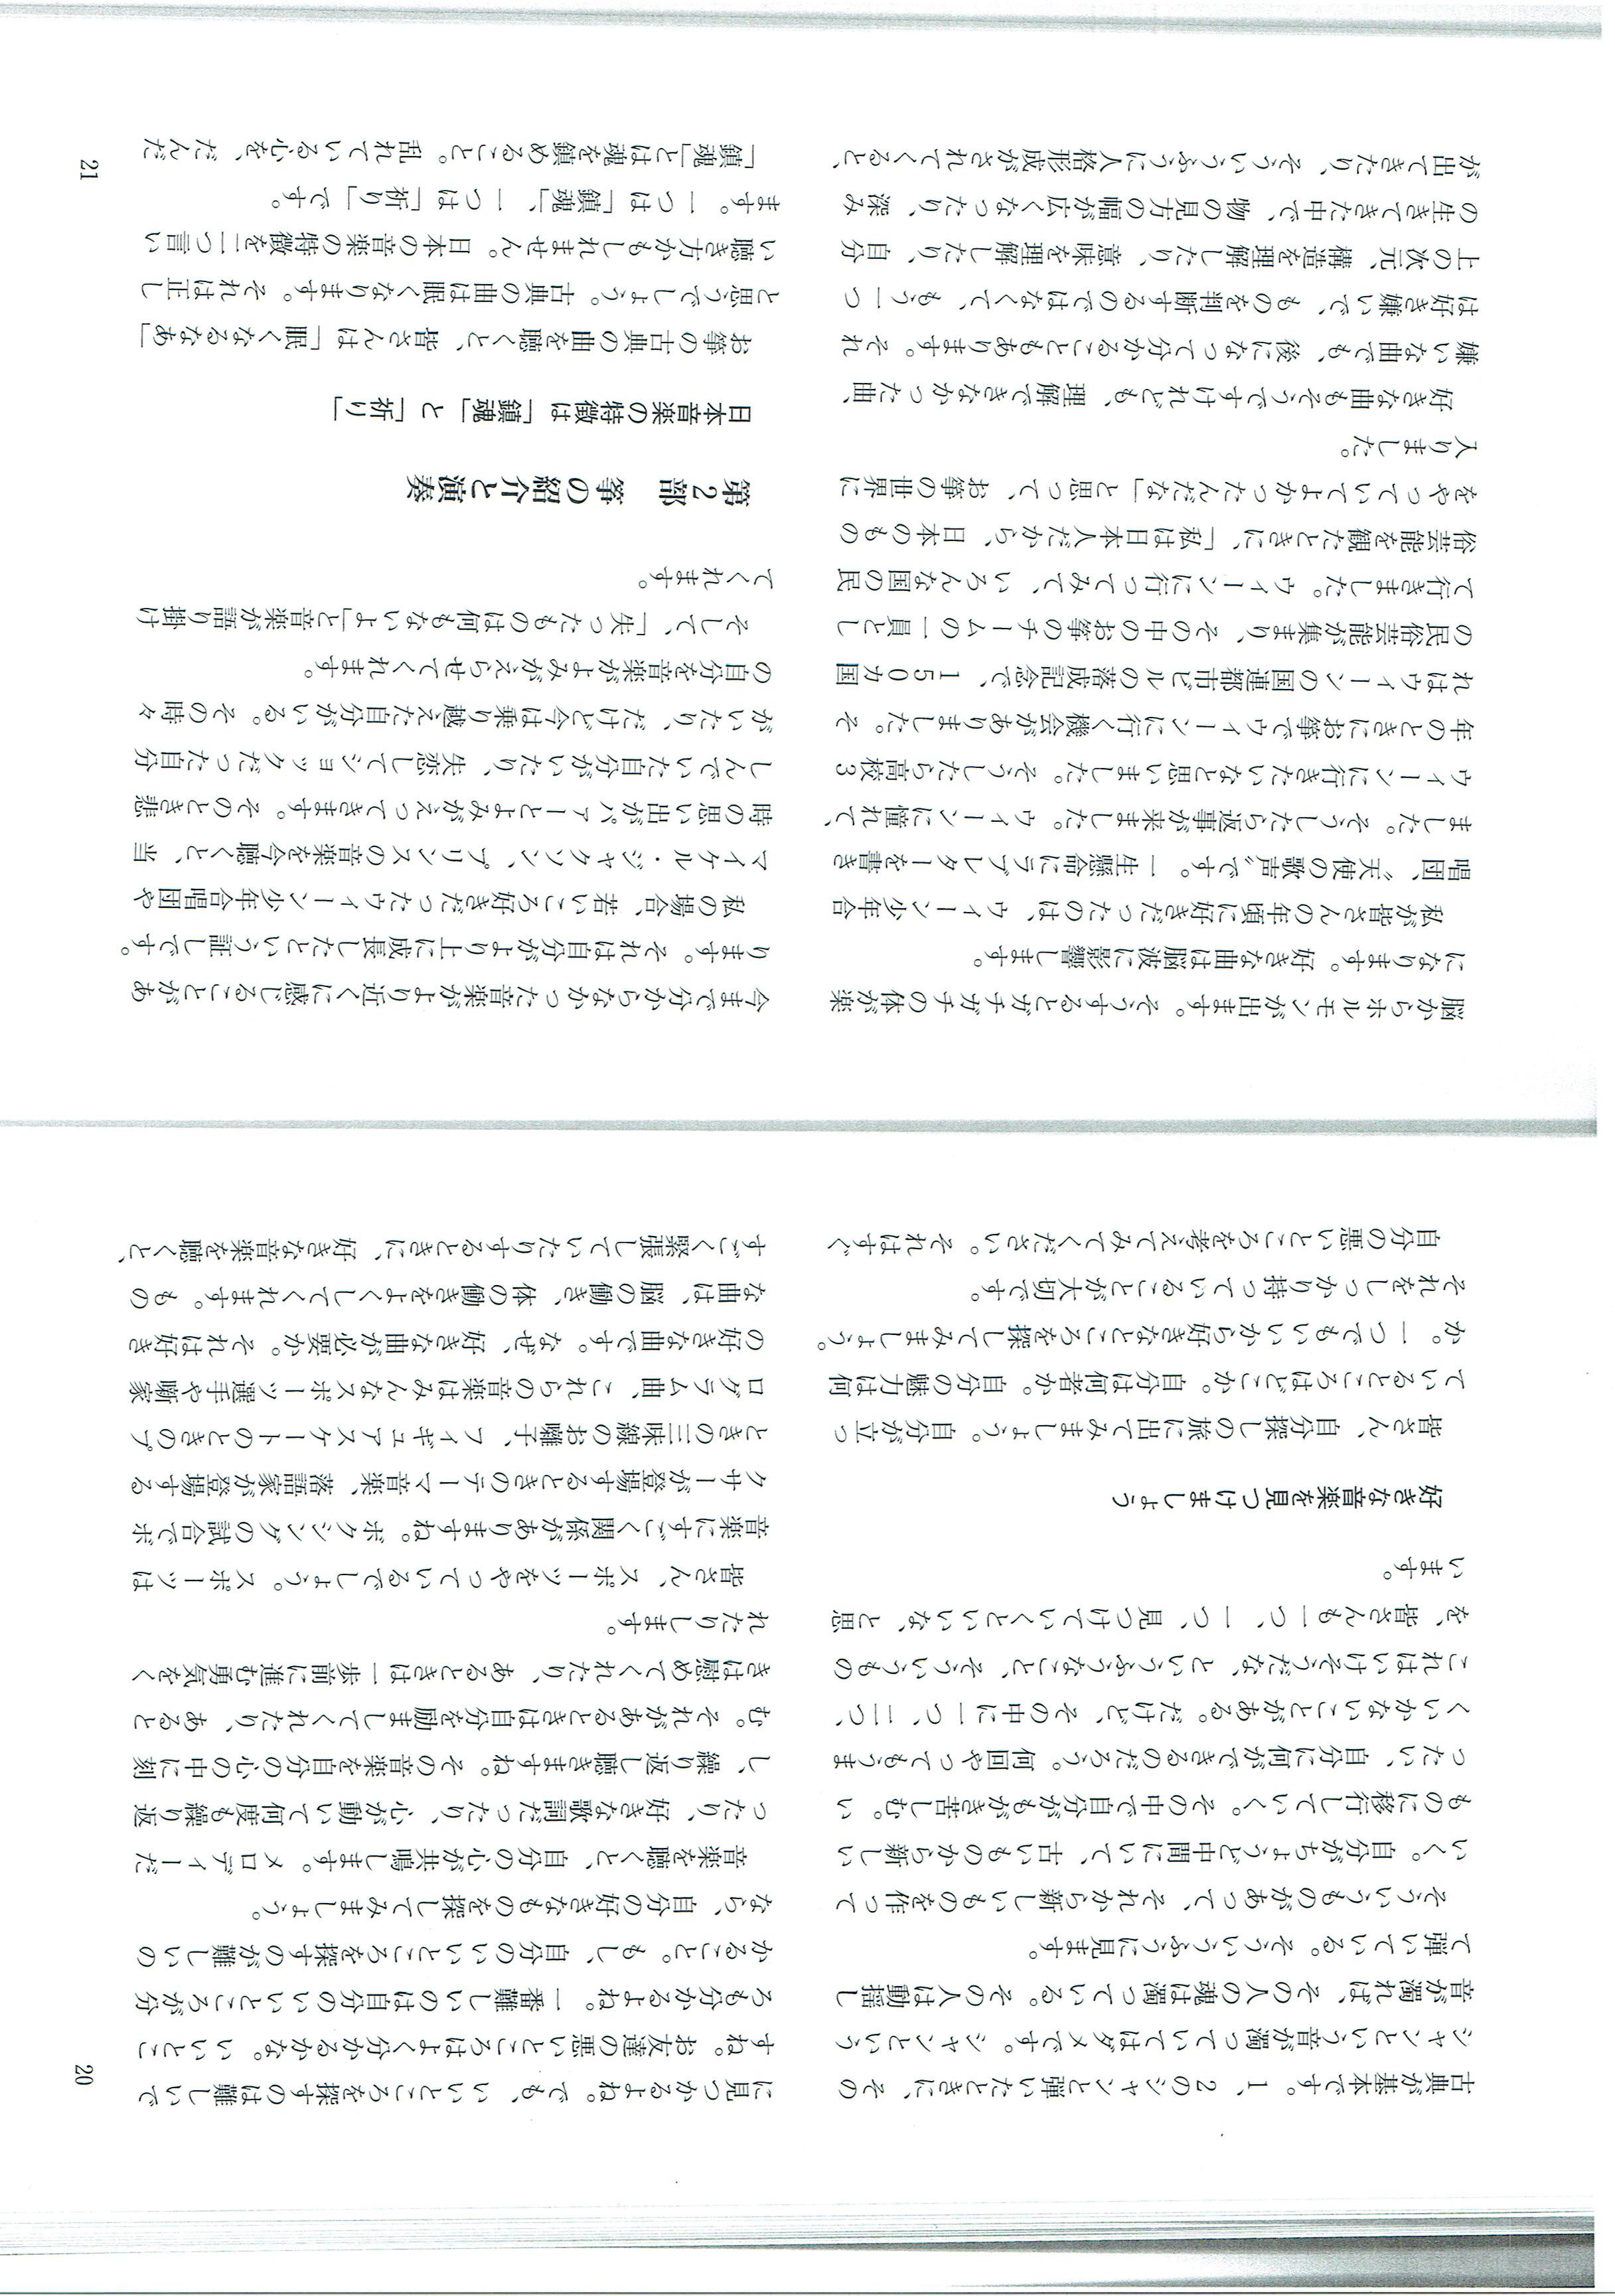 公徳20170103_0005